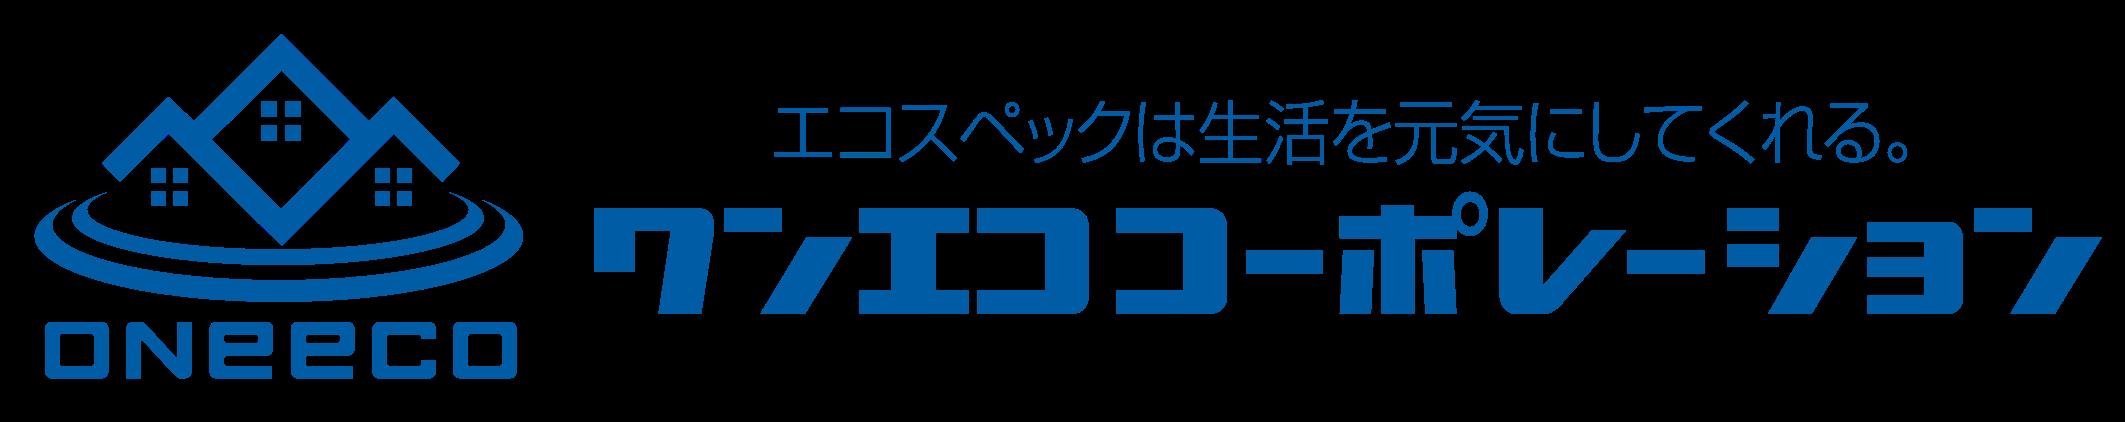 明石・神戸の住宅リフォーム・屋根リフォーム・外壁塗装|ワンエココーポレーション